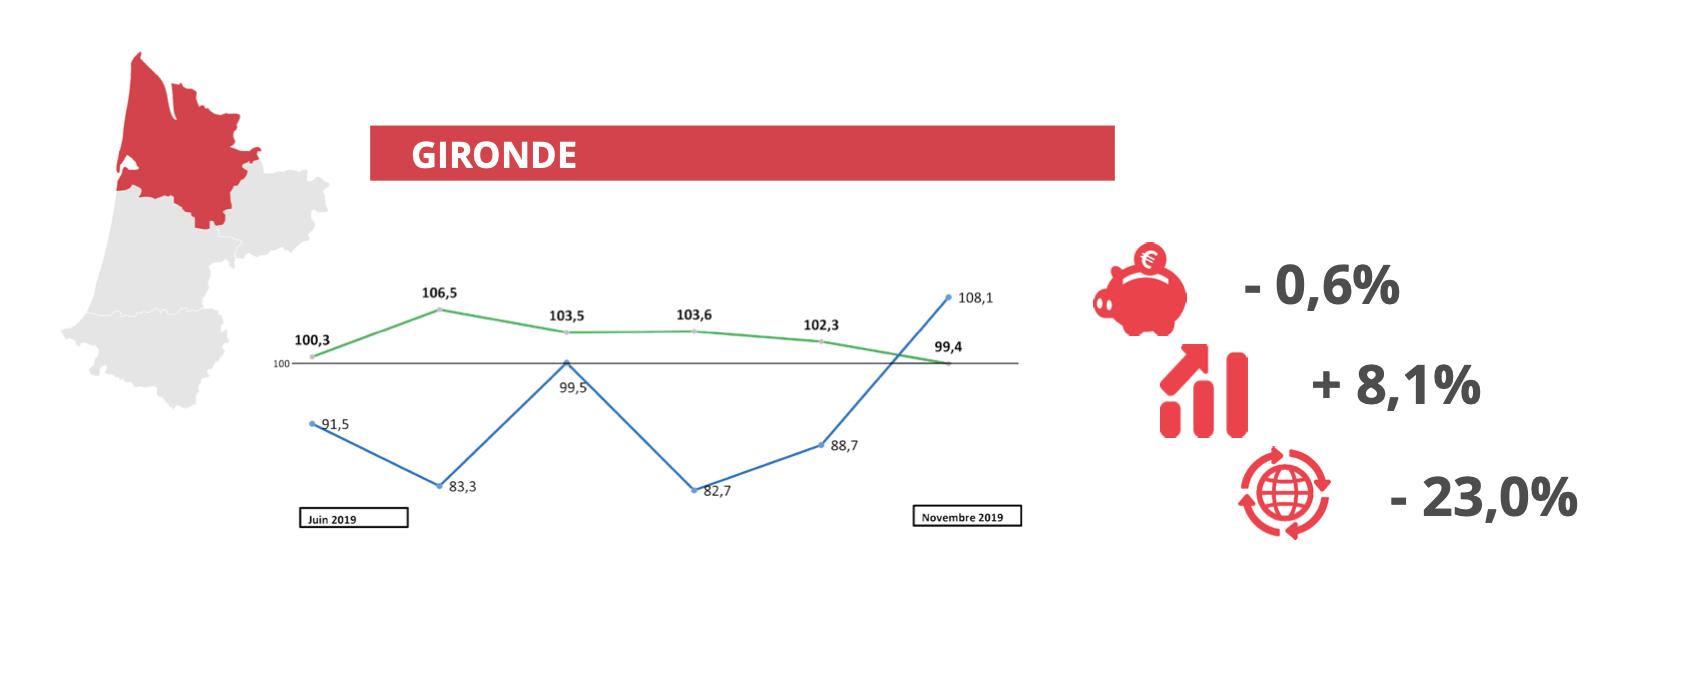 Baromètre économique novembre 2019 - Gironde